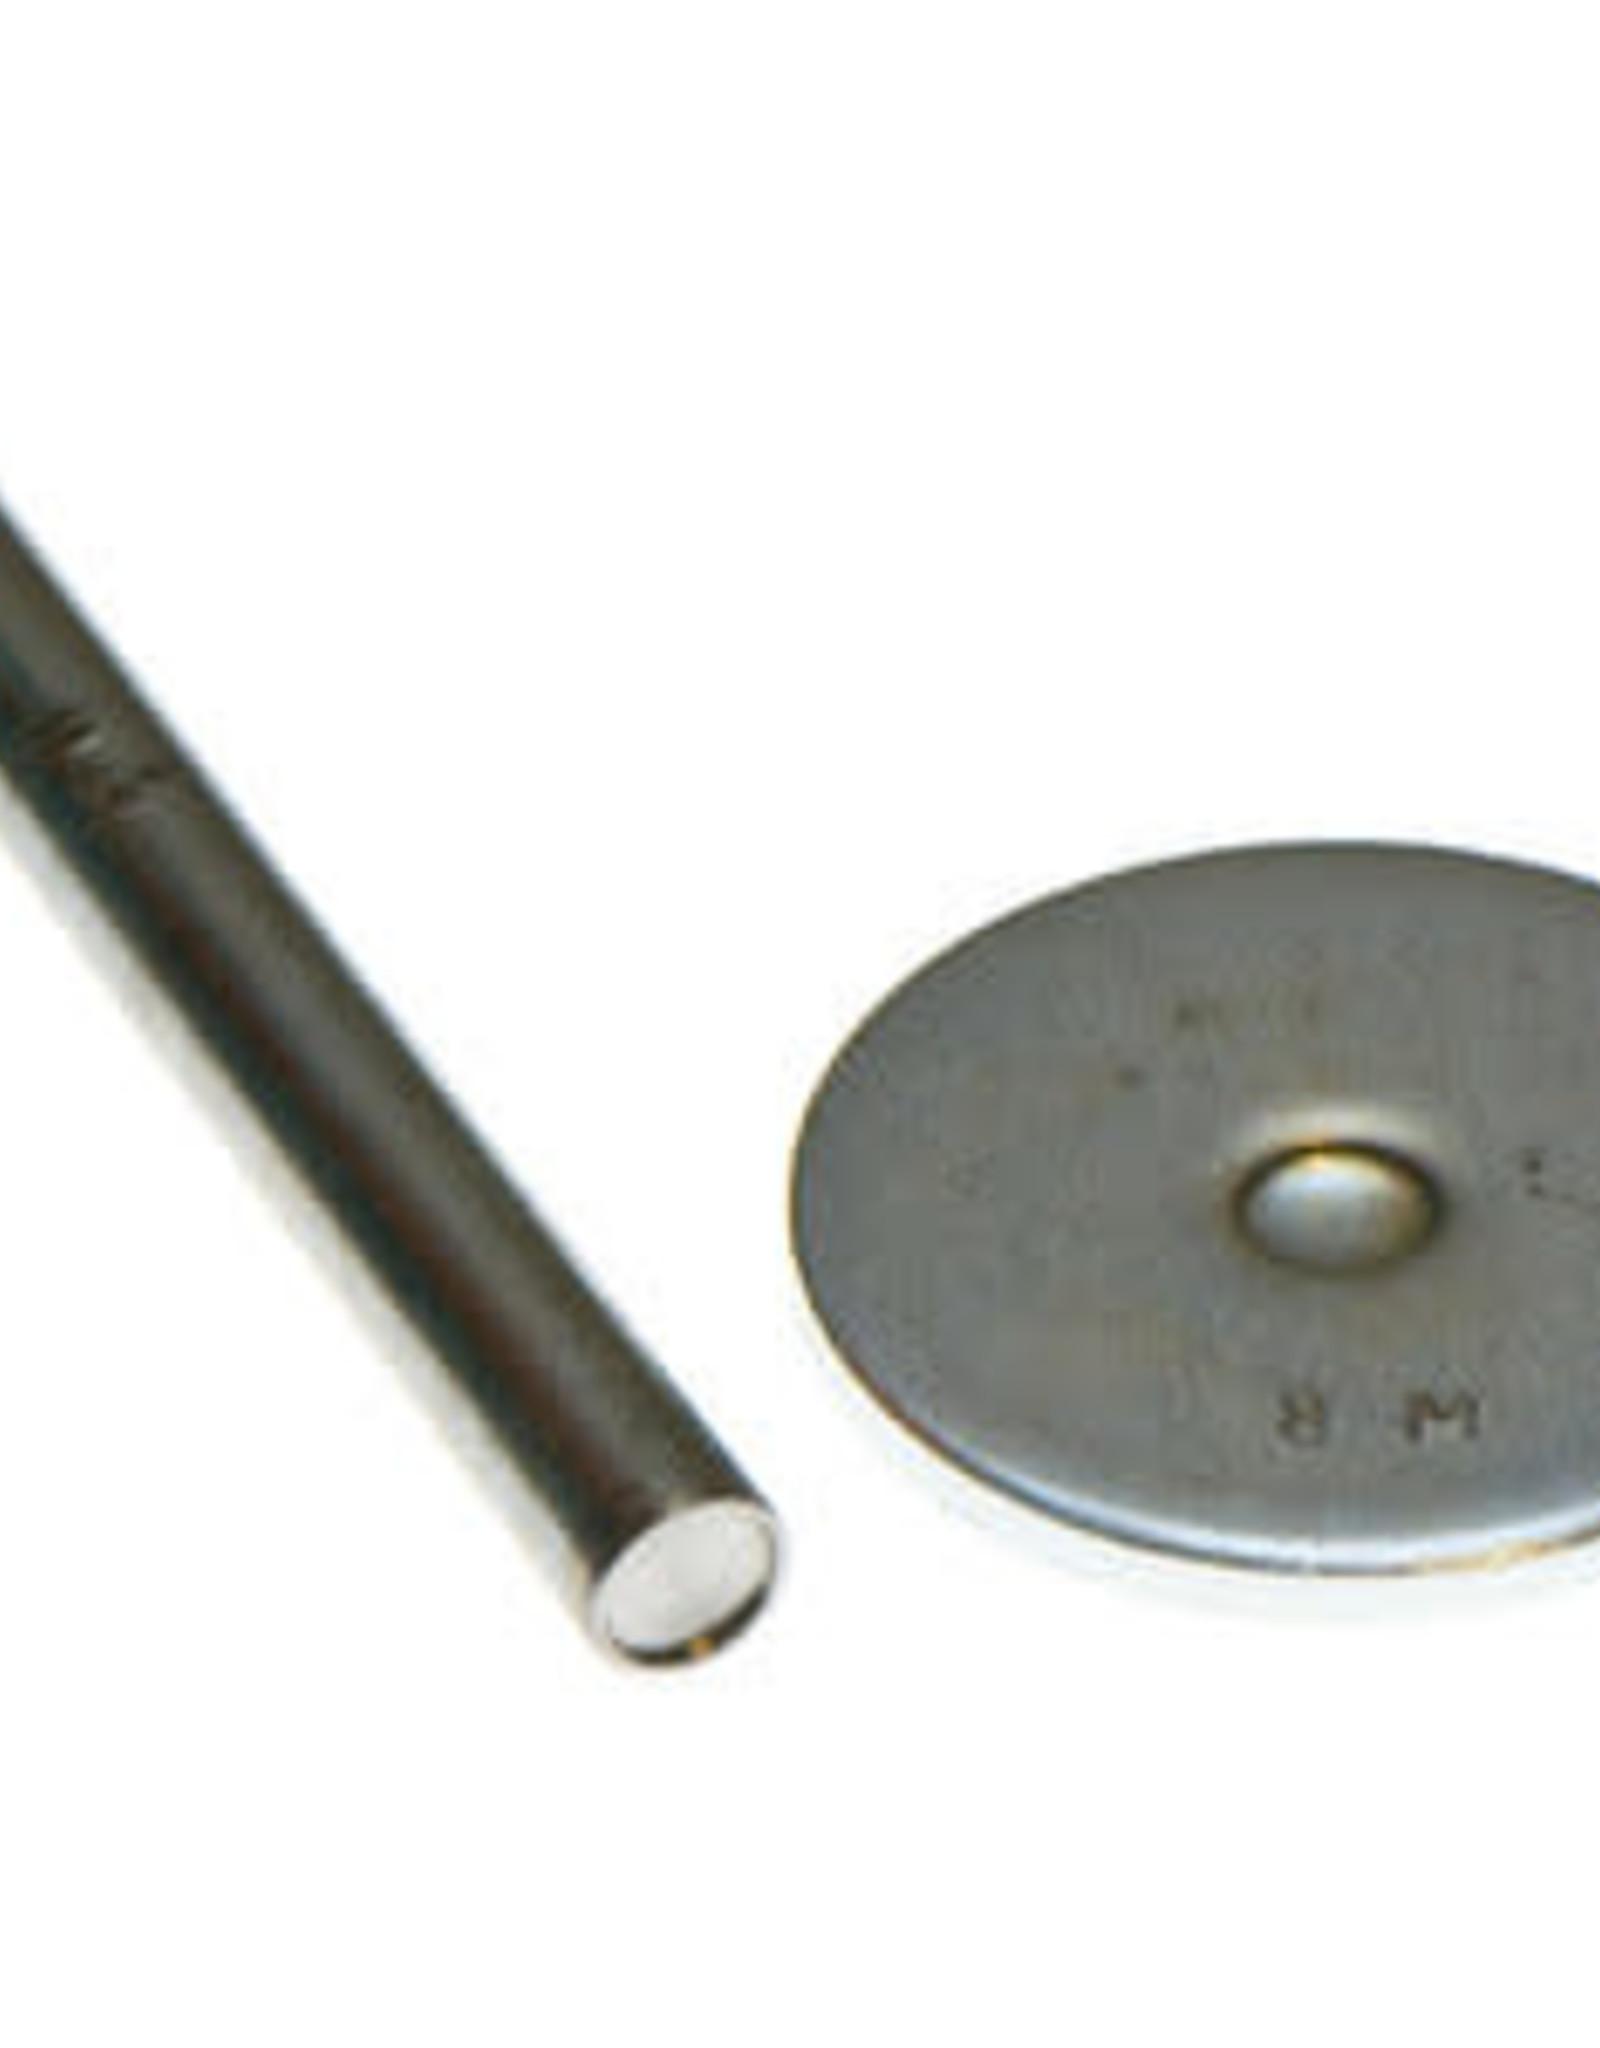 Gereedschap voor holnieten - 9mm